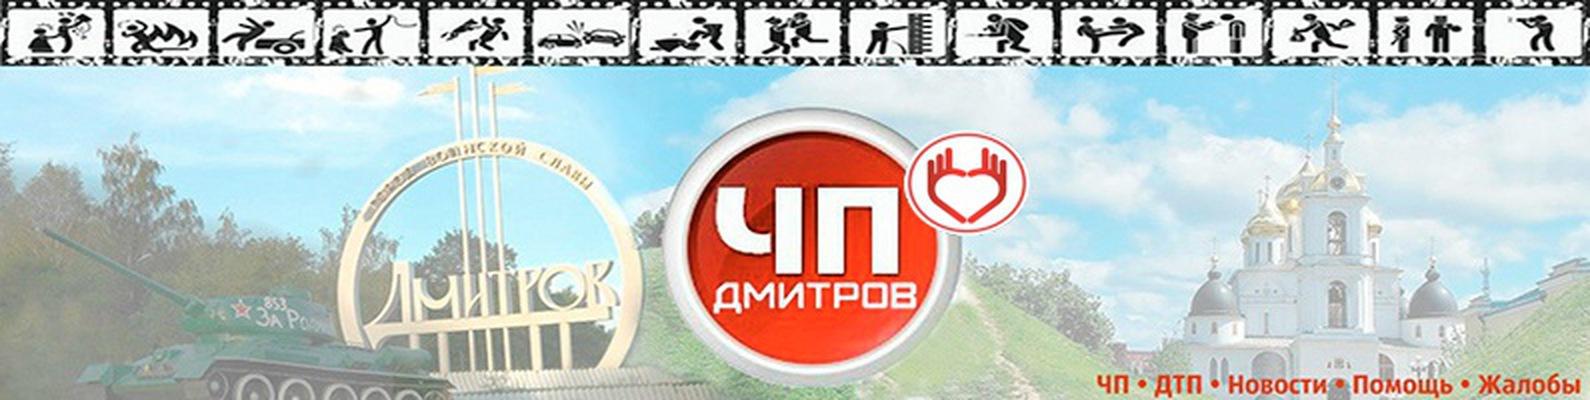 Девочки по вызову Внуковская улица в Санкт-Петербургеские индивидуалки с реальными фото